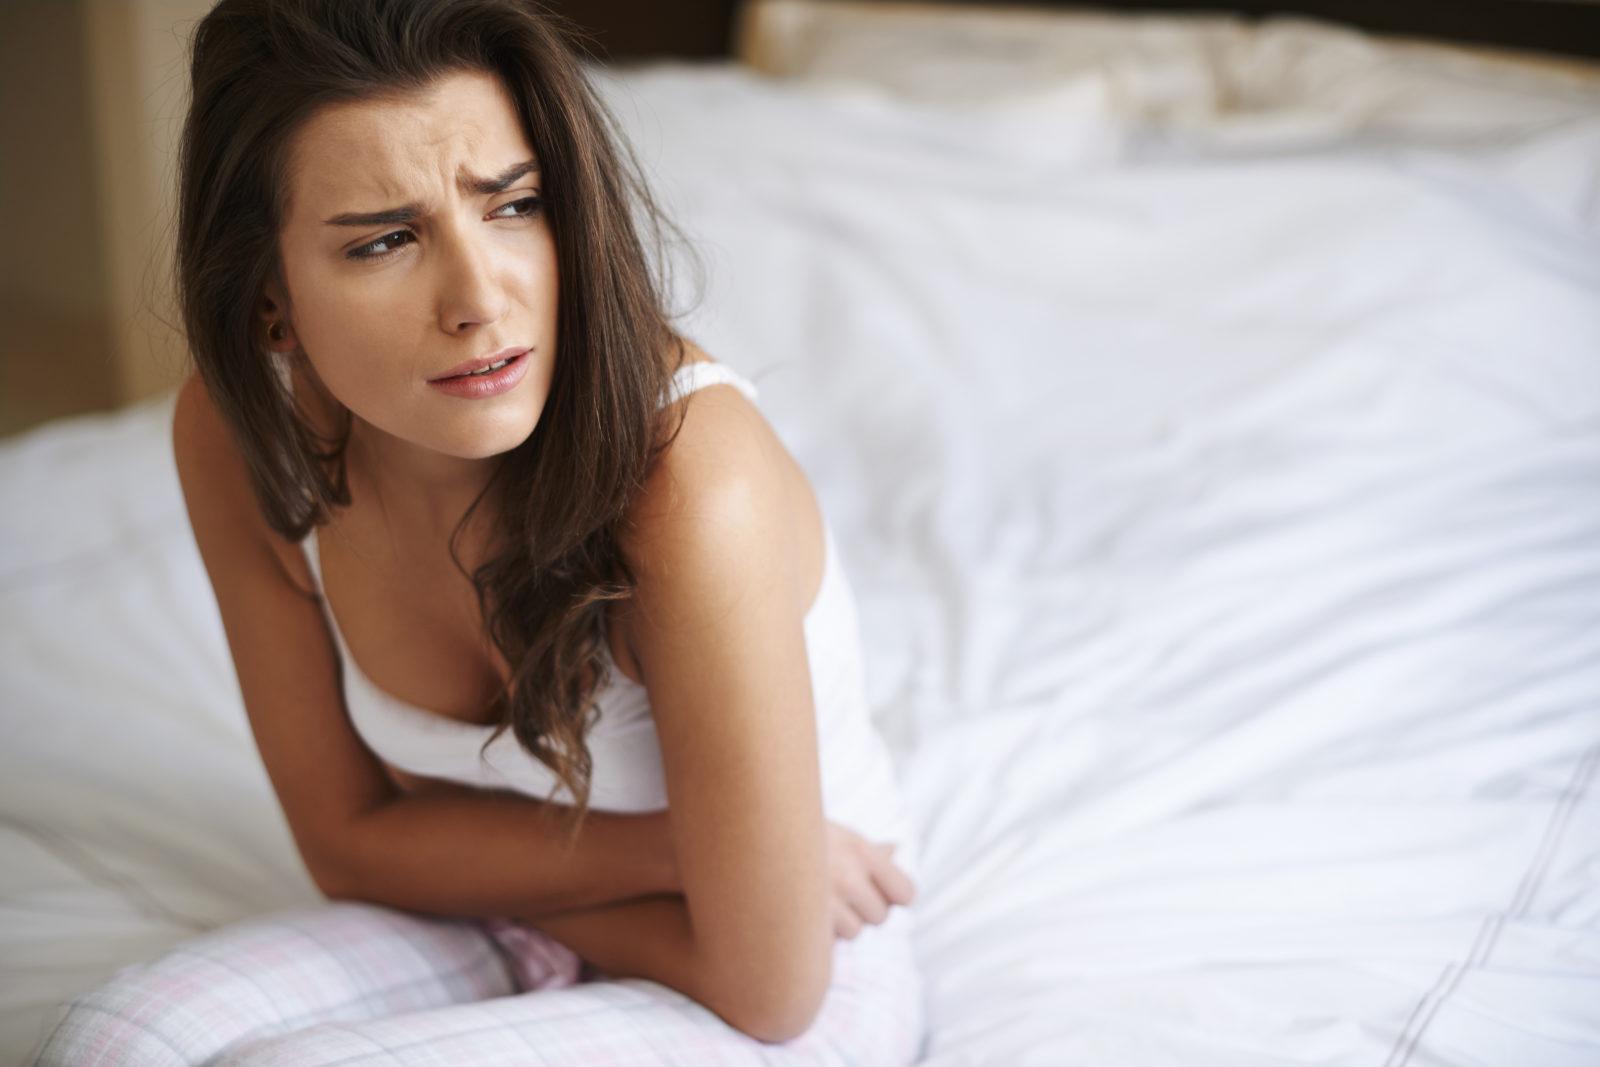 Maux de ventre et crampes liées à la maladie de Crohn